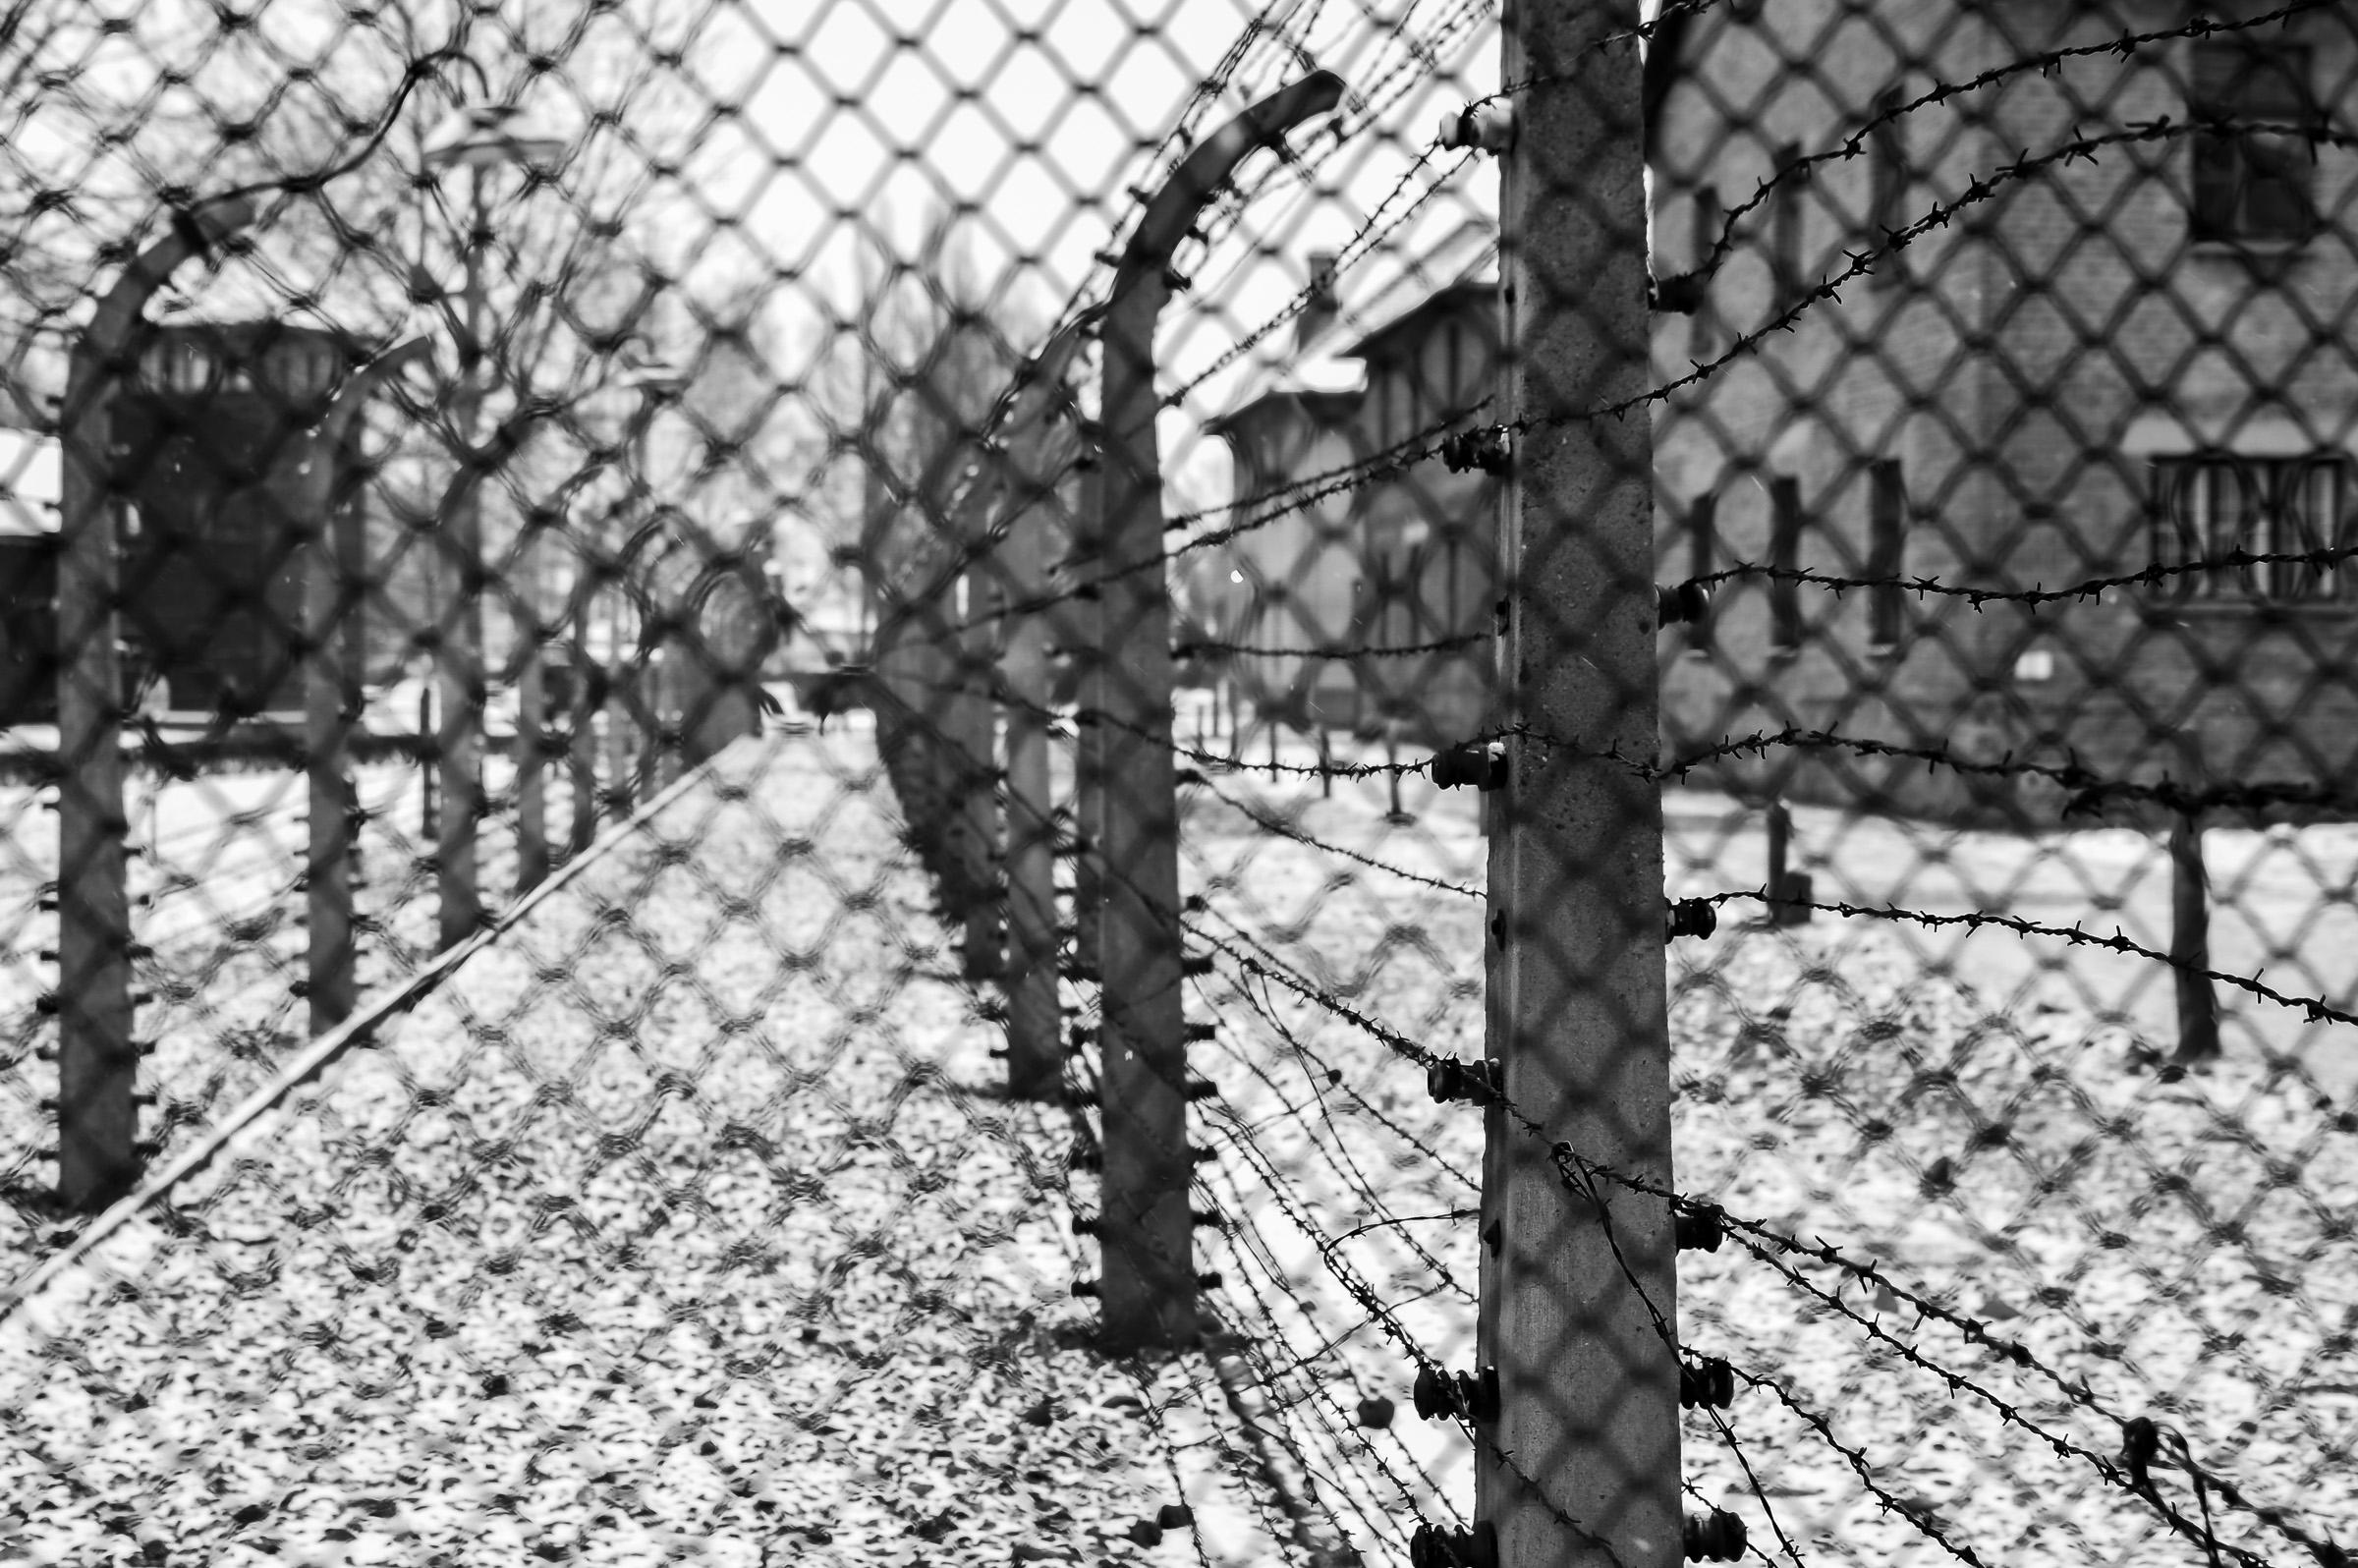 Igor Kastelic: Auschwitz